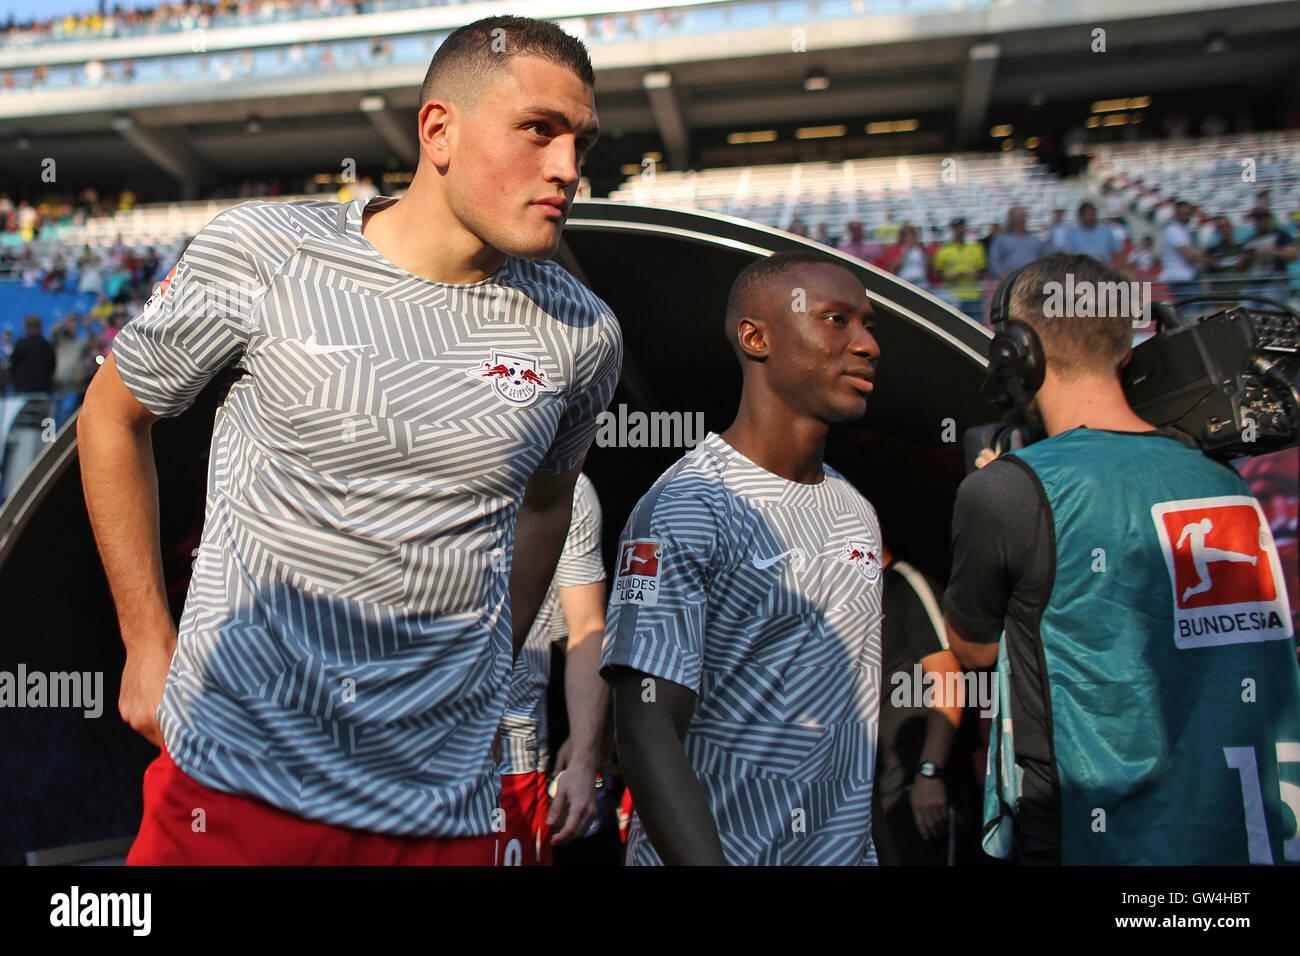 Leipzig's new team members Kyriakos Papadopoulos (l) and Naby Keita entering the stadium before the Bundesliga - Stock Image